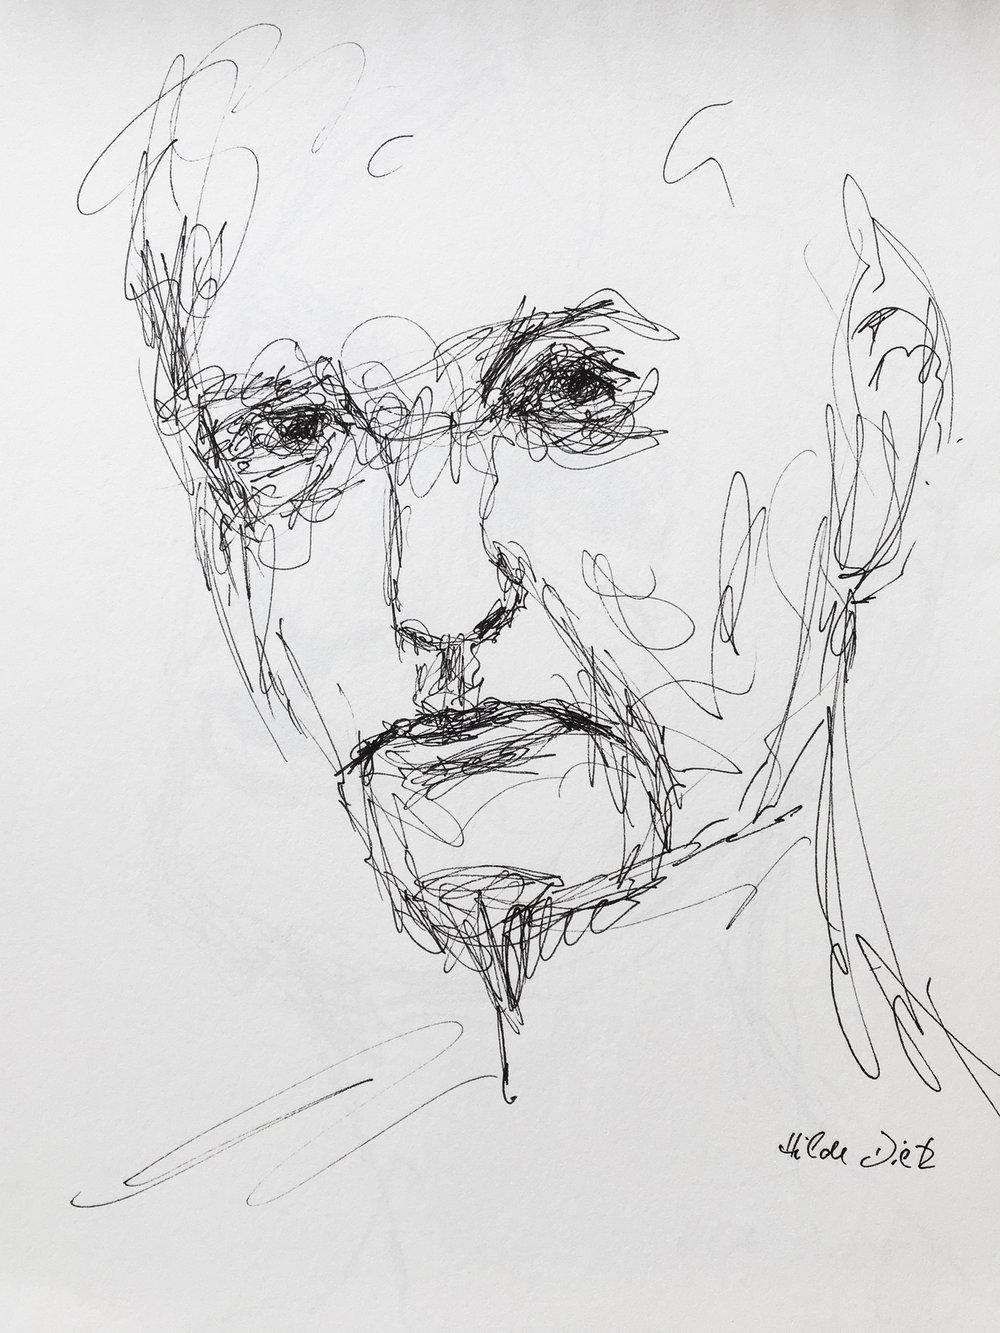 Hilde_Dietz_Menschenbilder_Zeichnung_Skizzen_2_16.jpg